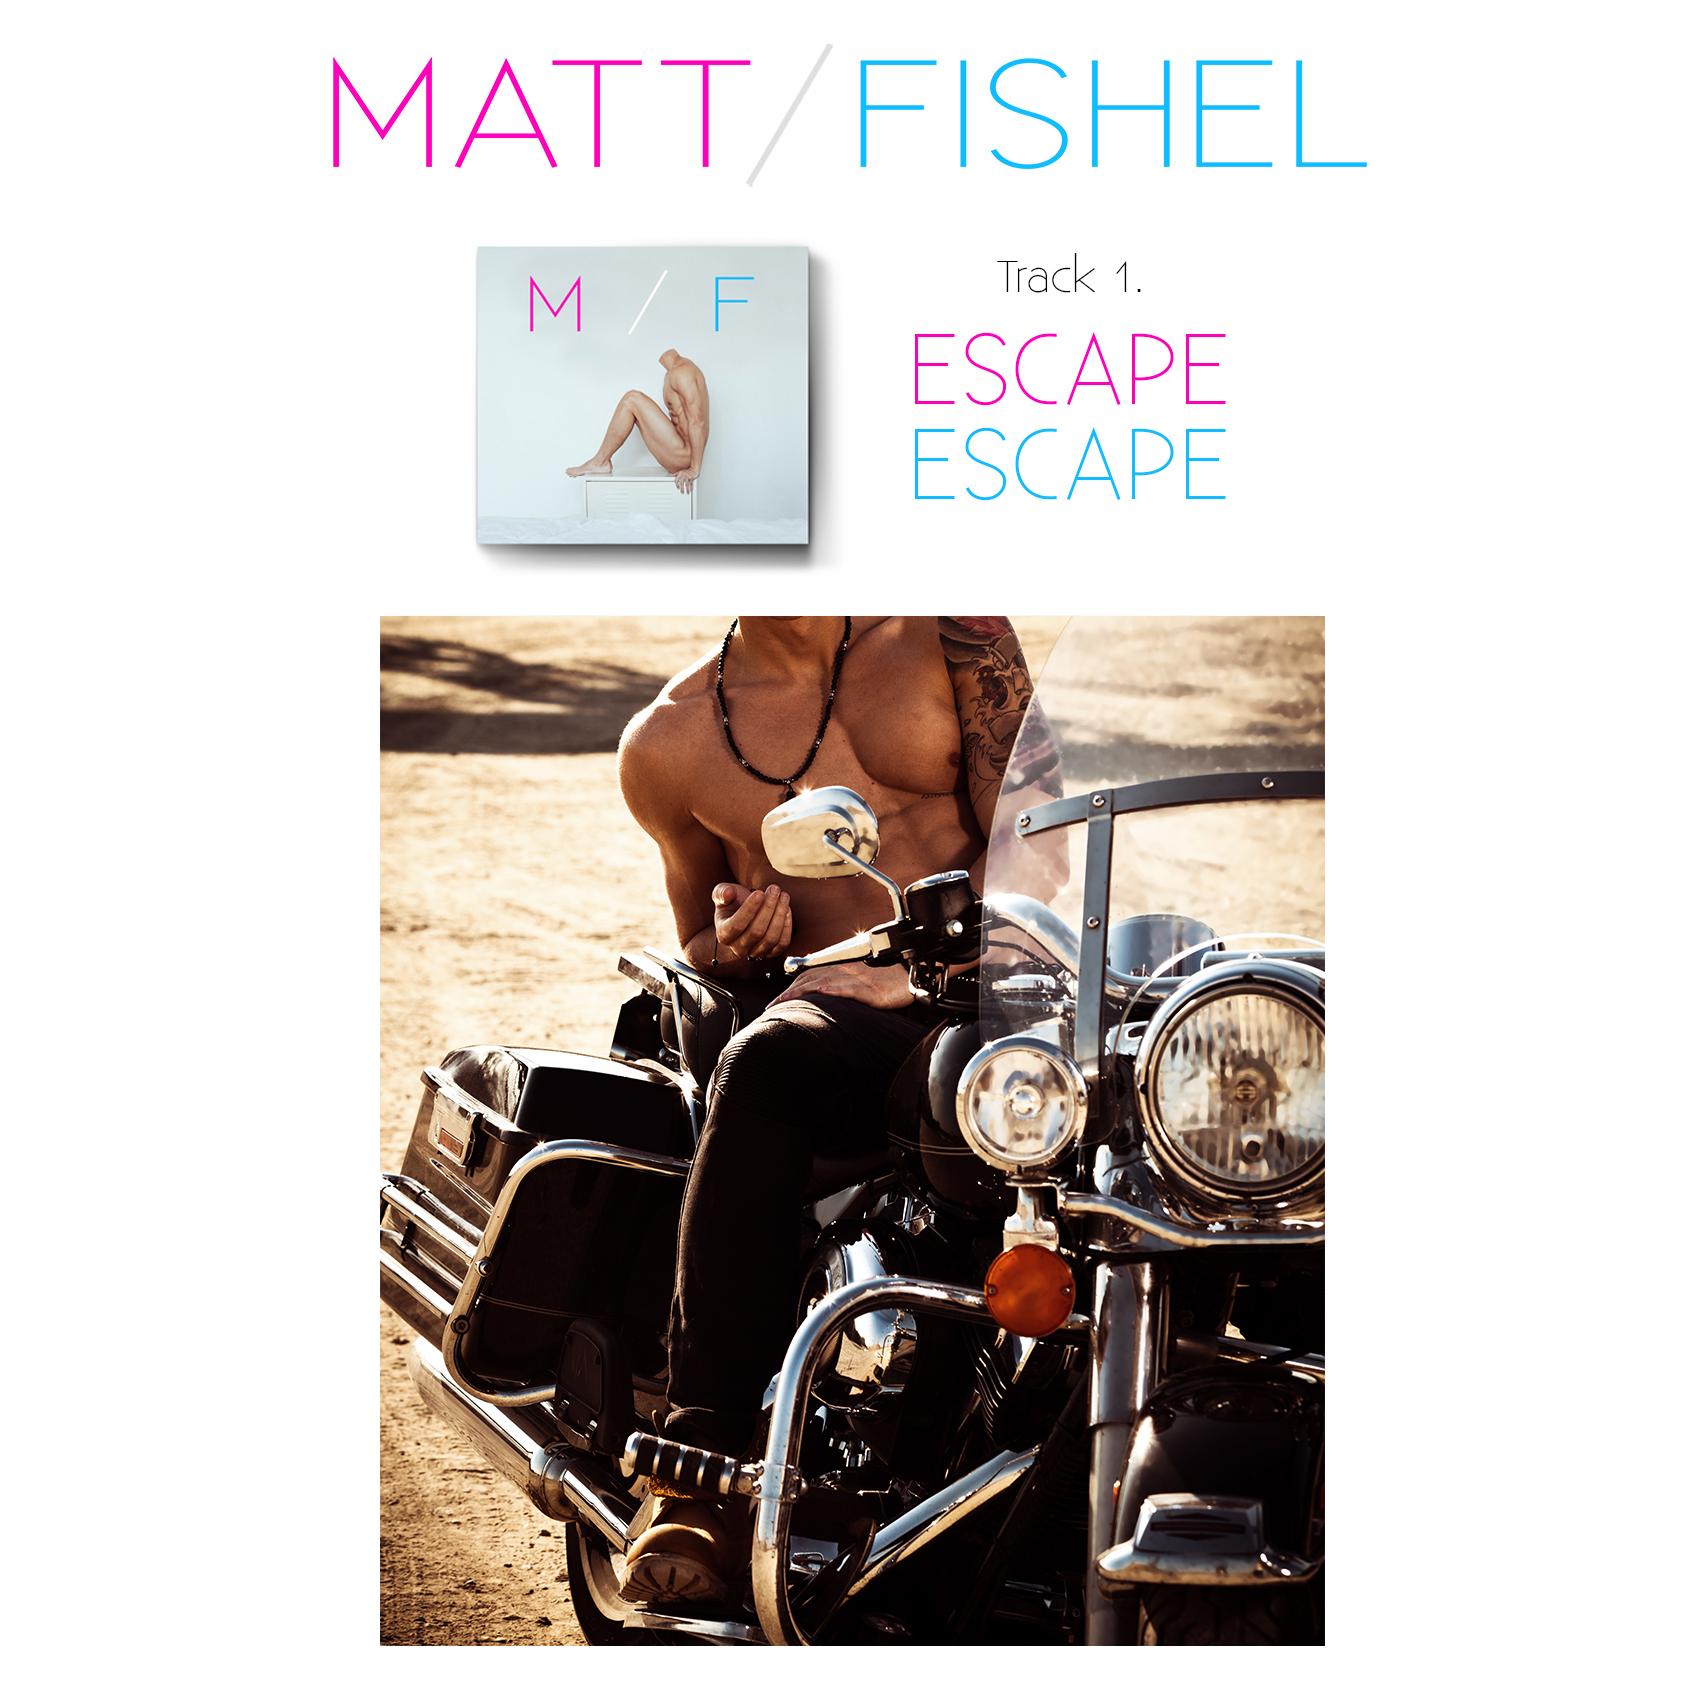 Matt Fishel_MF_Track 01_Escape 1.jpg